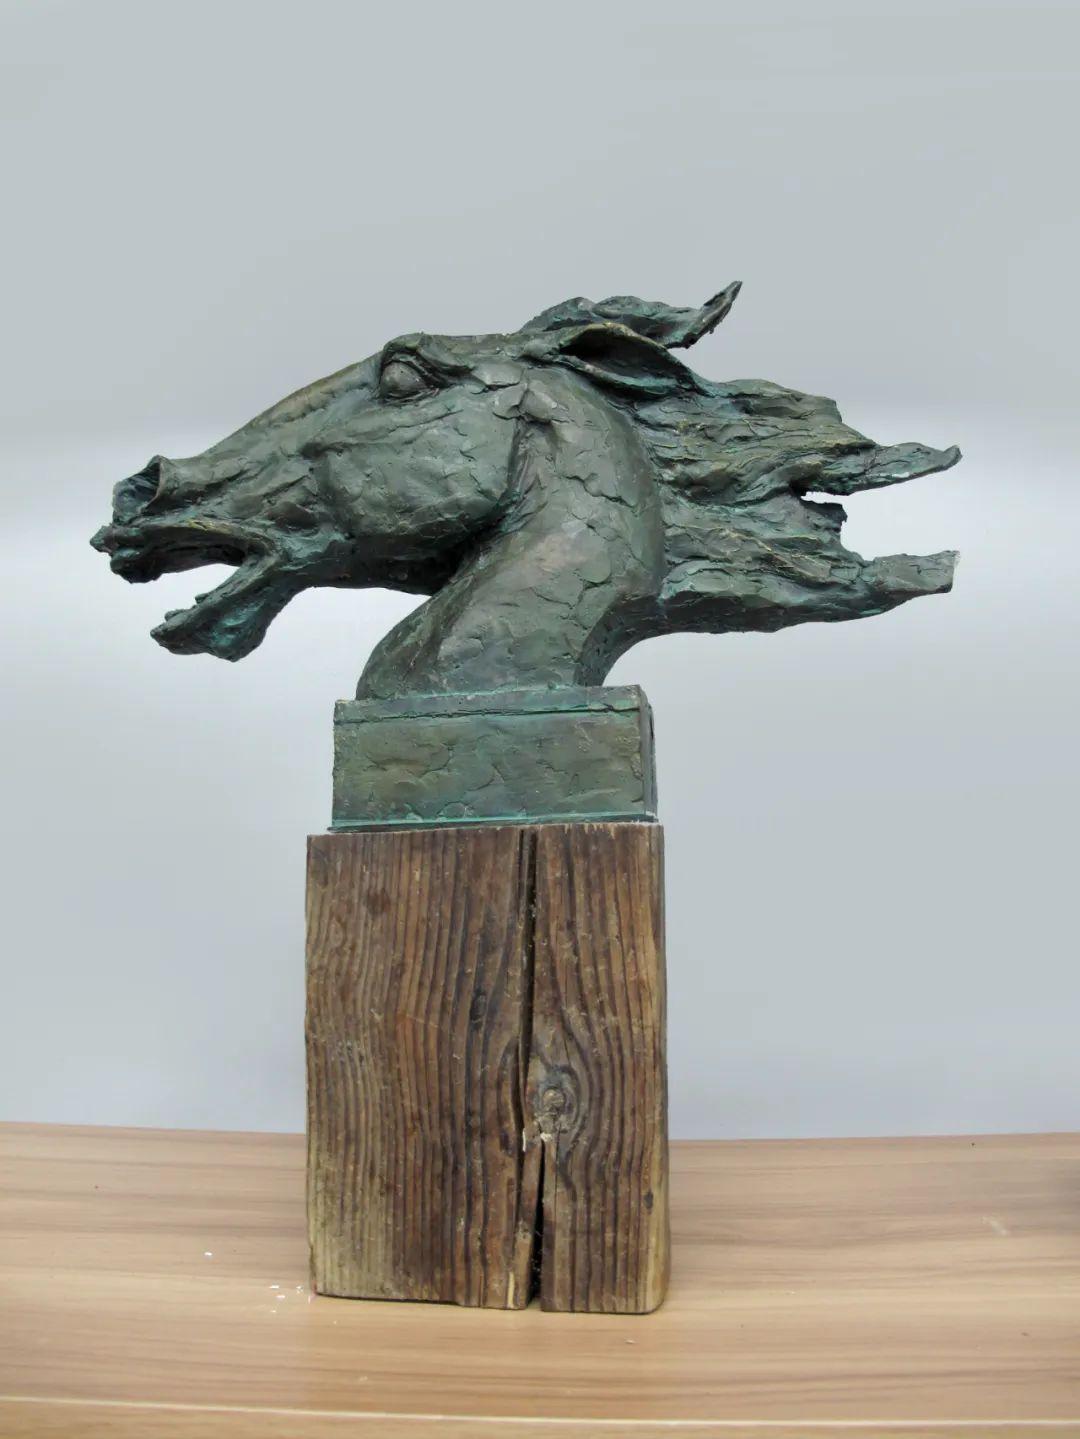 家乡美 | 孟根套海雕塑作品欣赏 第10张